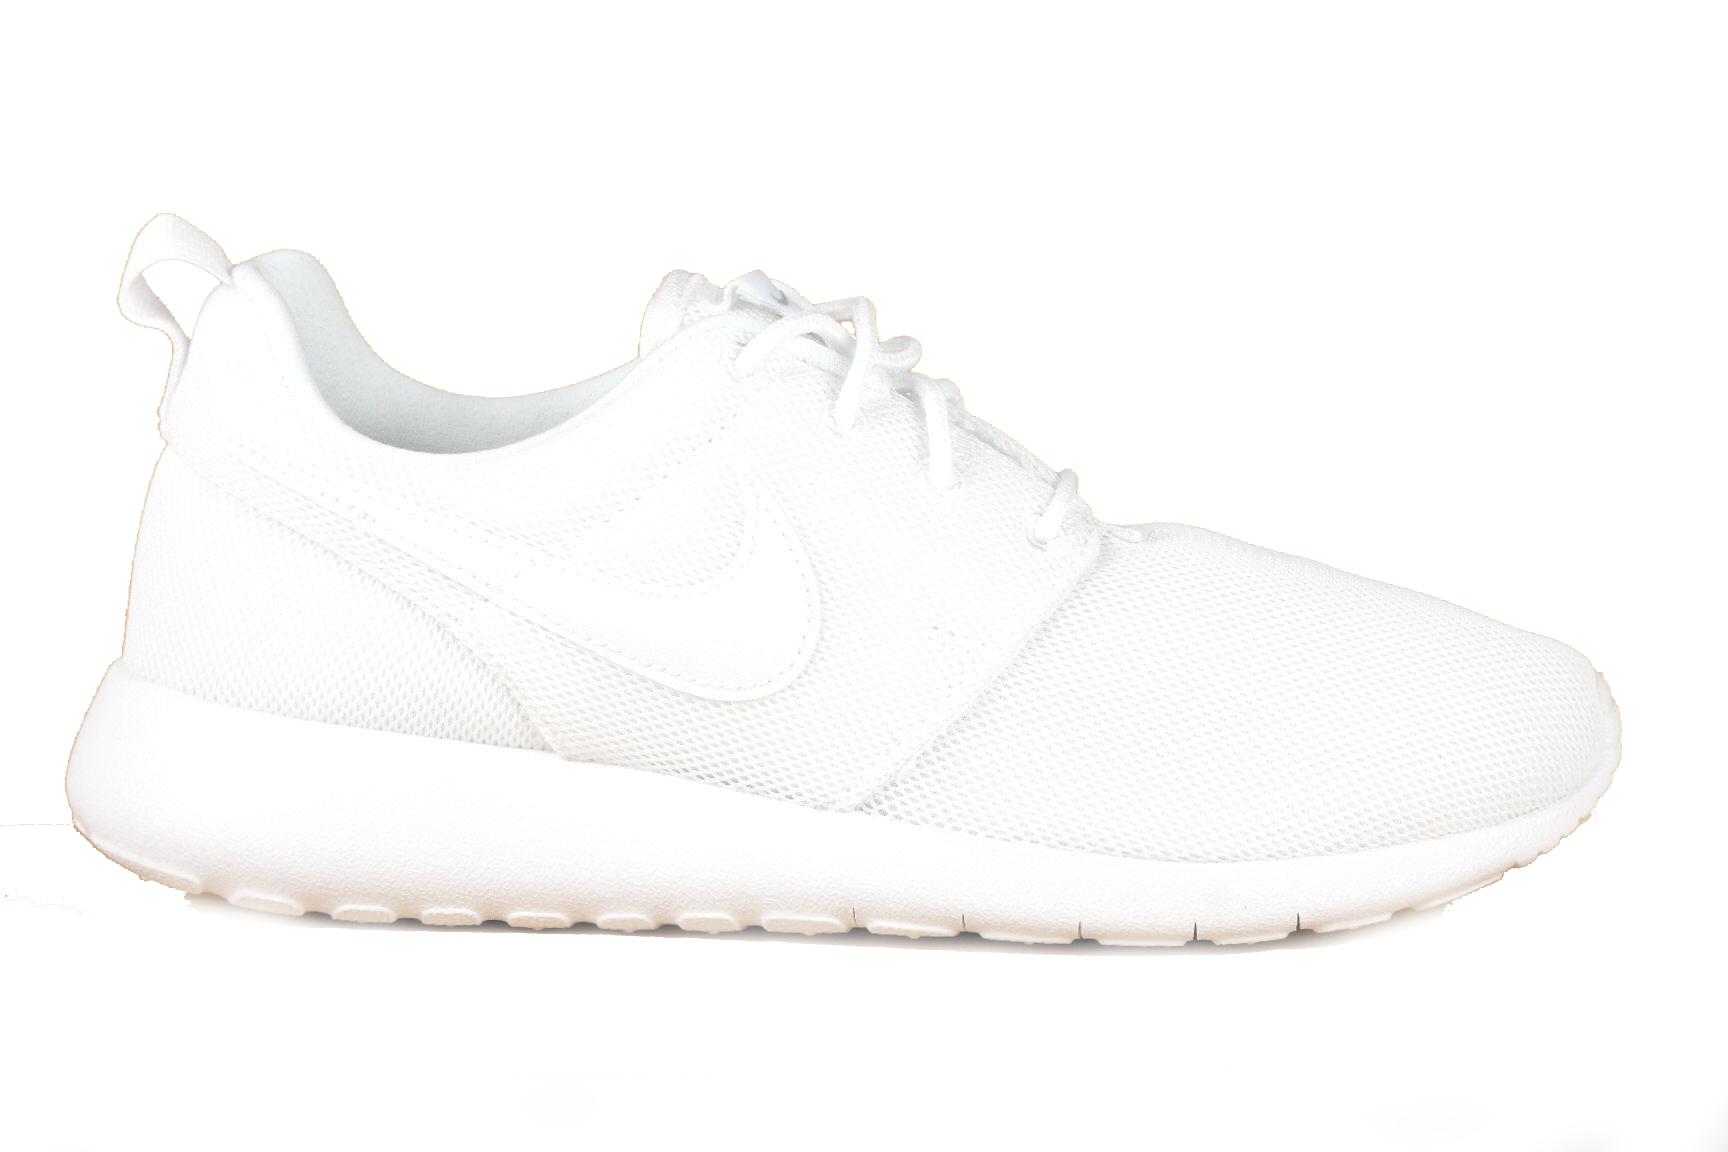 Meisjes schoenen Nike Roshe One